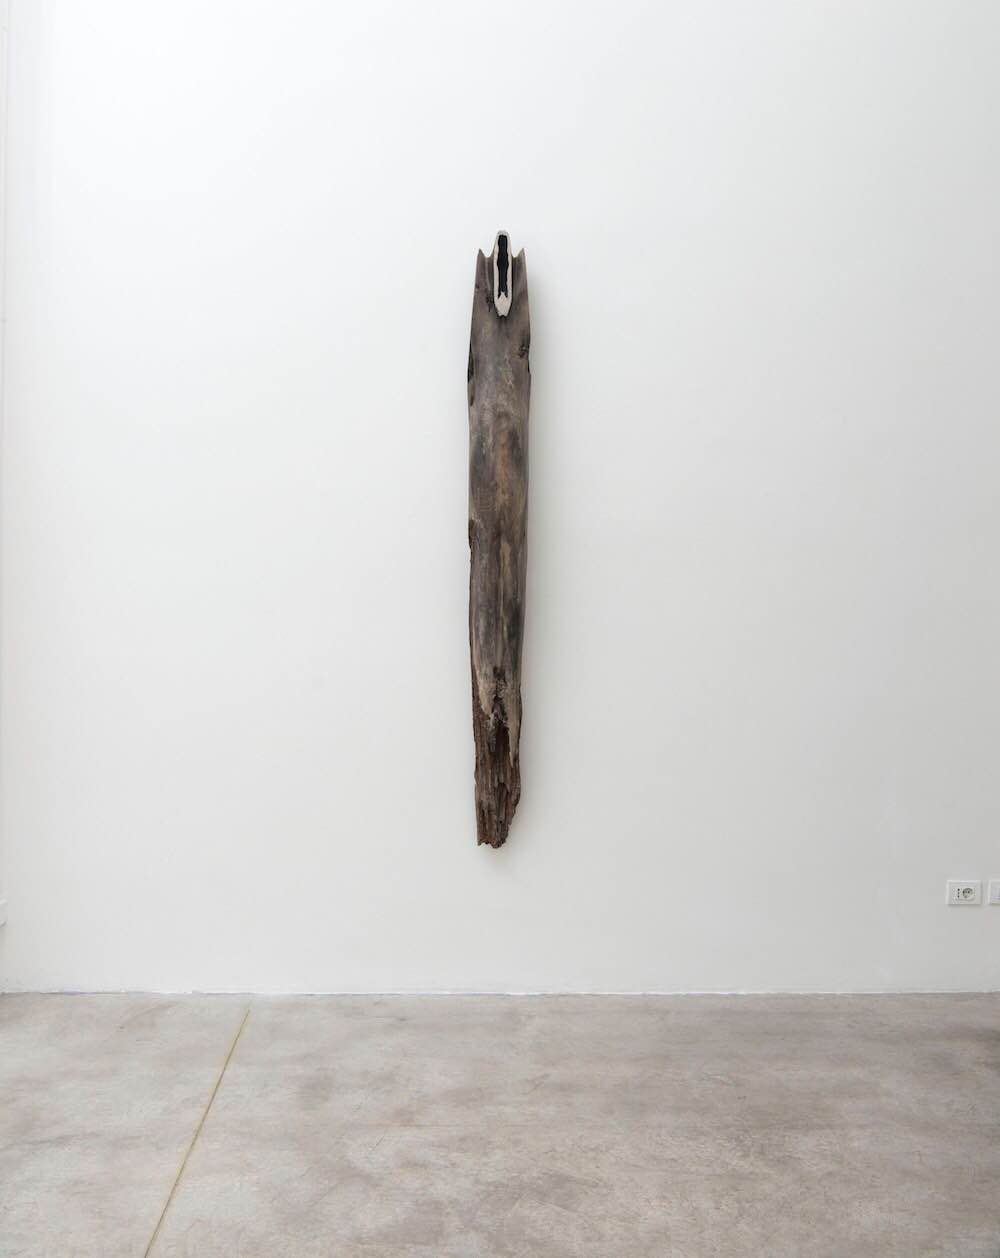 Nicola Samorì - Solo Show - installation view at Monitor Gallery, Roma 2016 - photo Giorgio Benni - courtesy the artist & Monitor, Rome